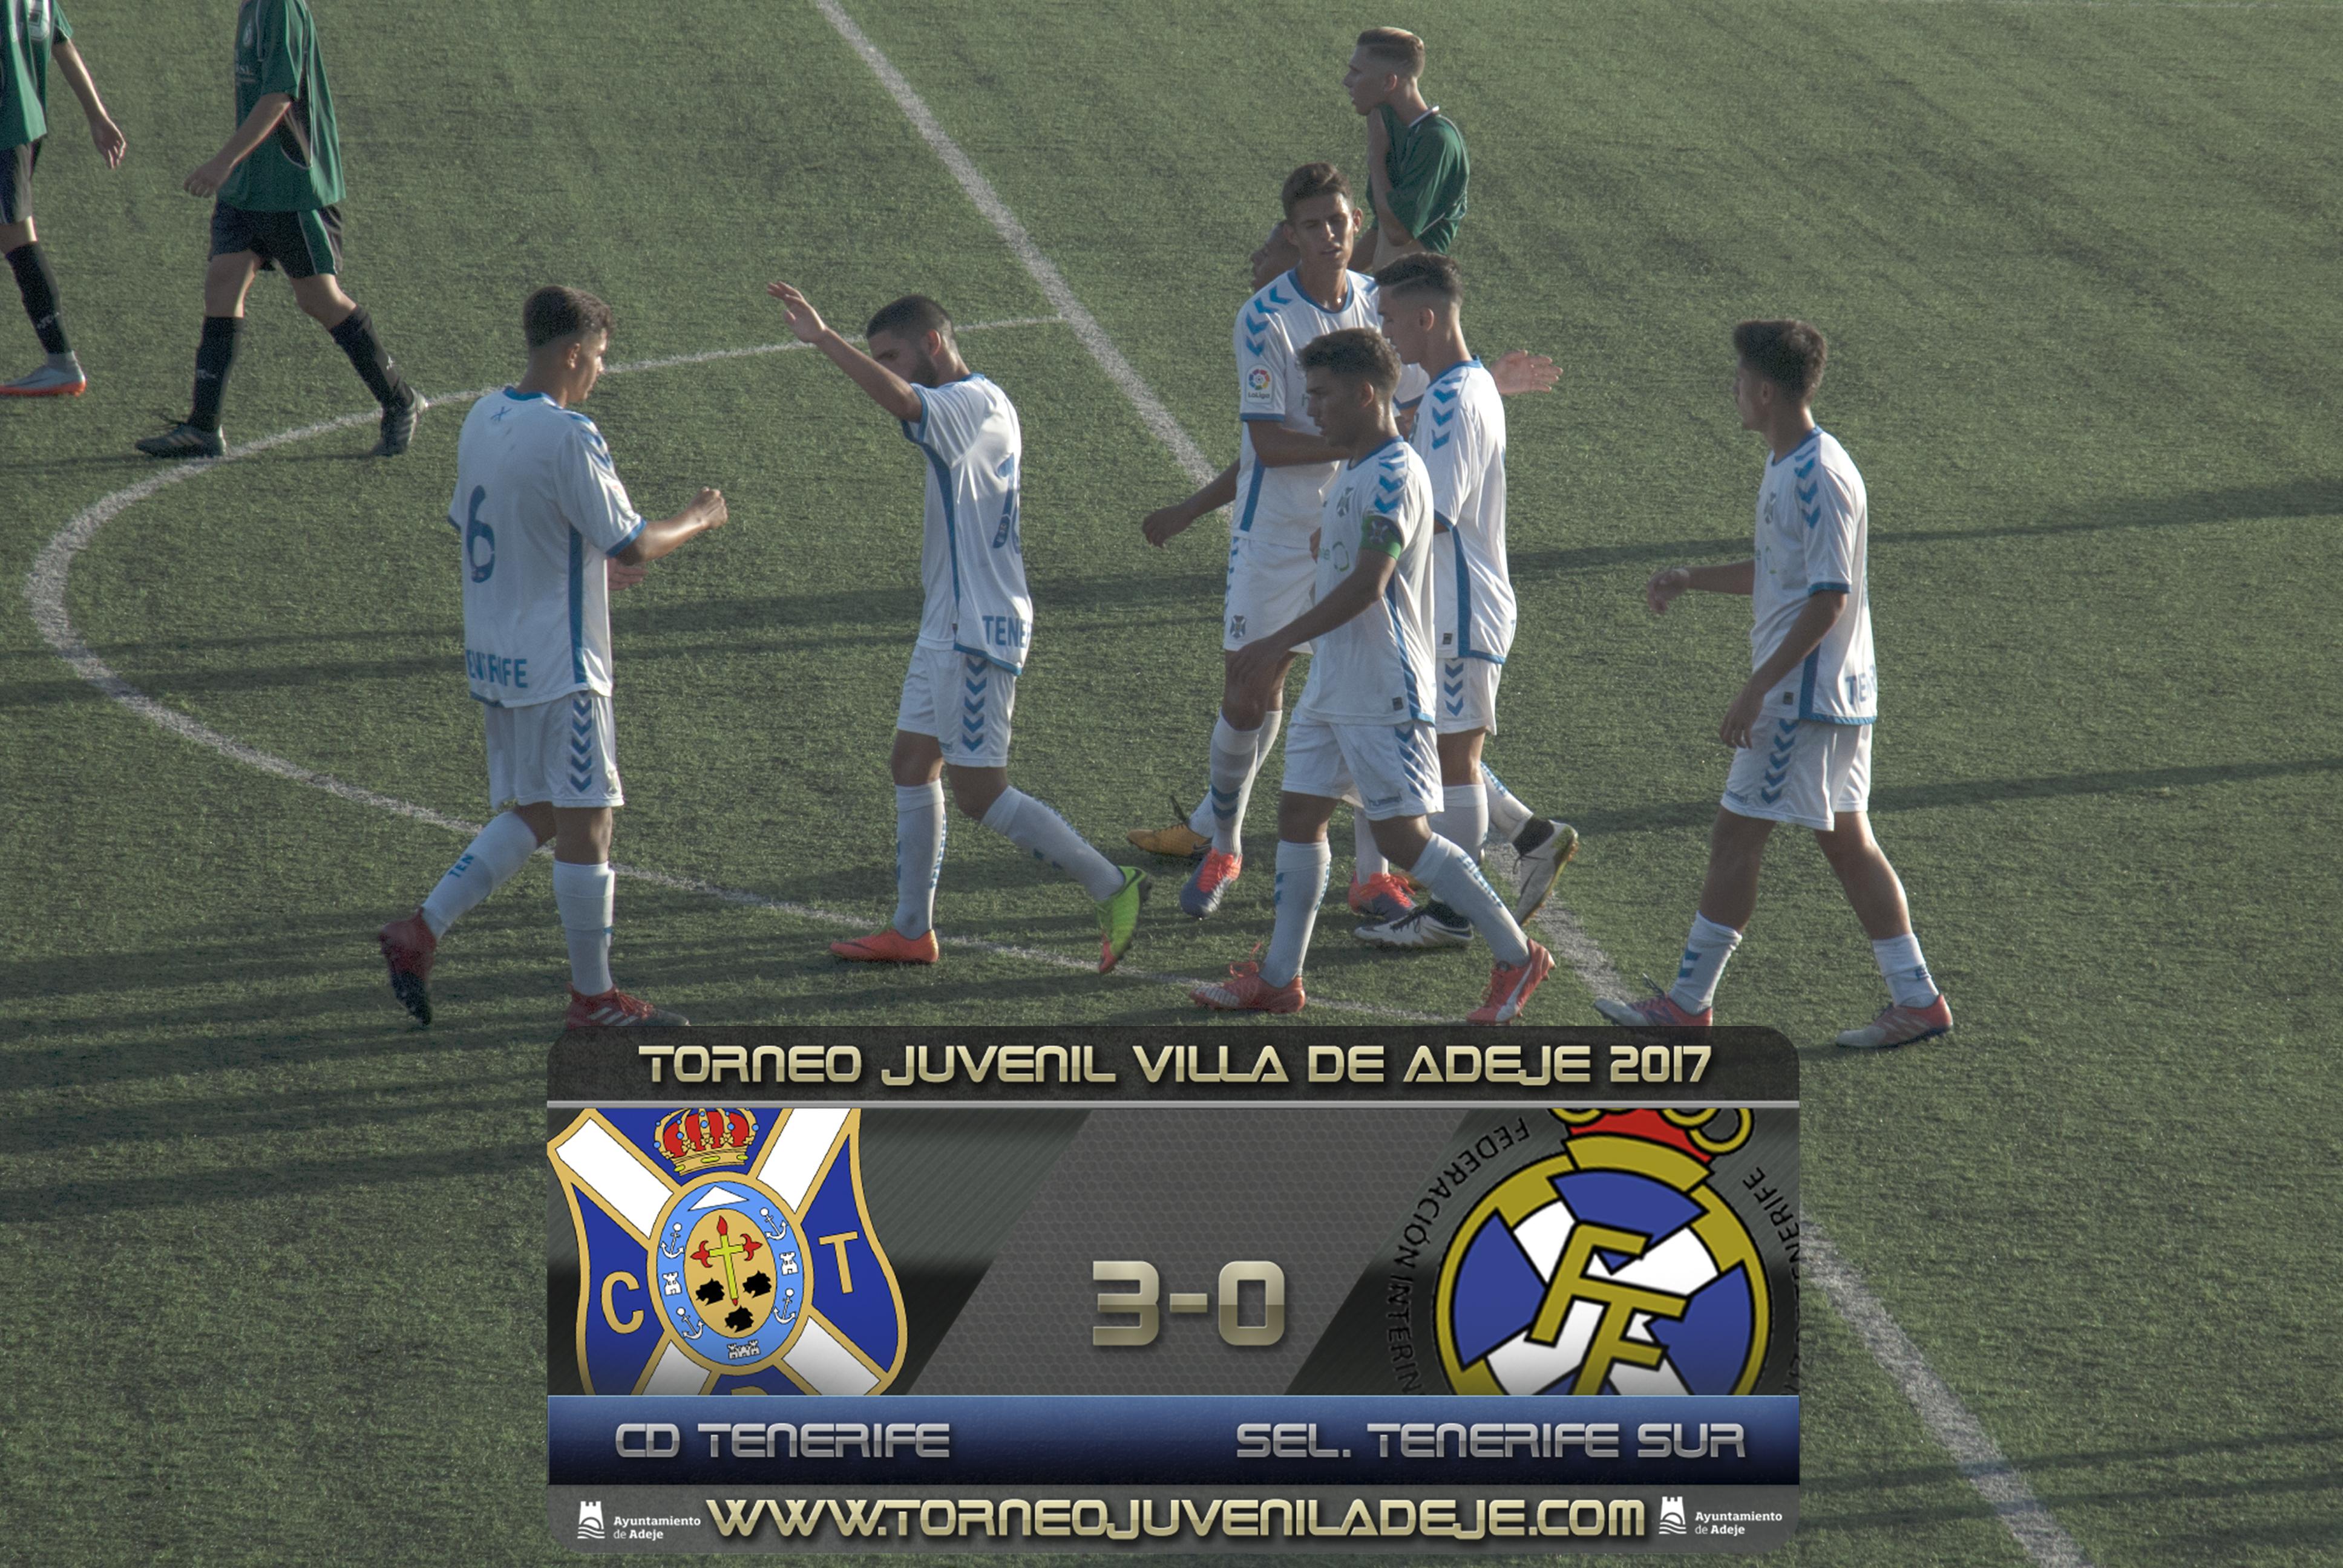 El CD Tenerife, primer finalista del XXIV Torneo Juvenil de Adeje